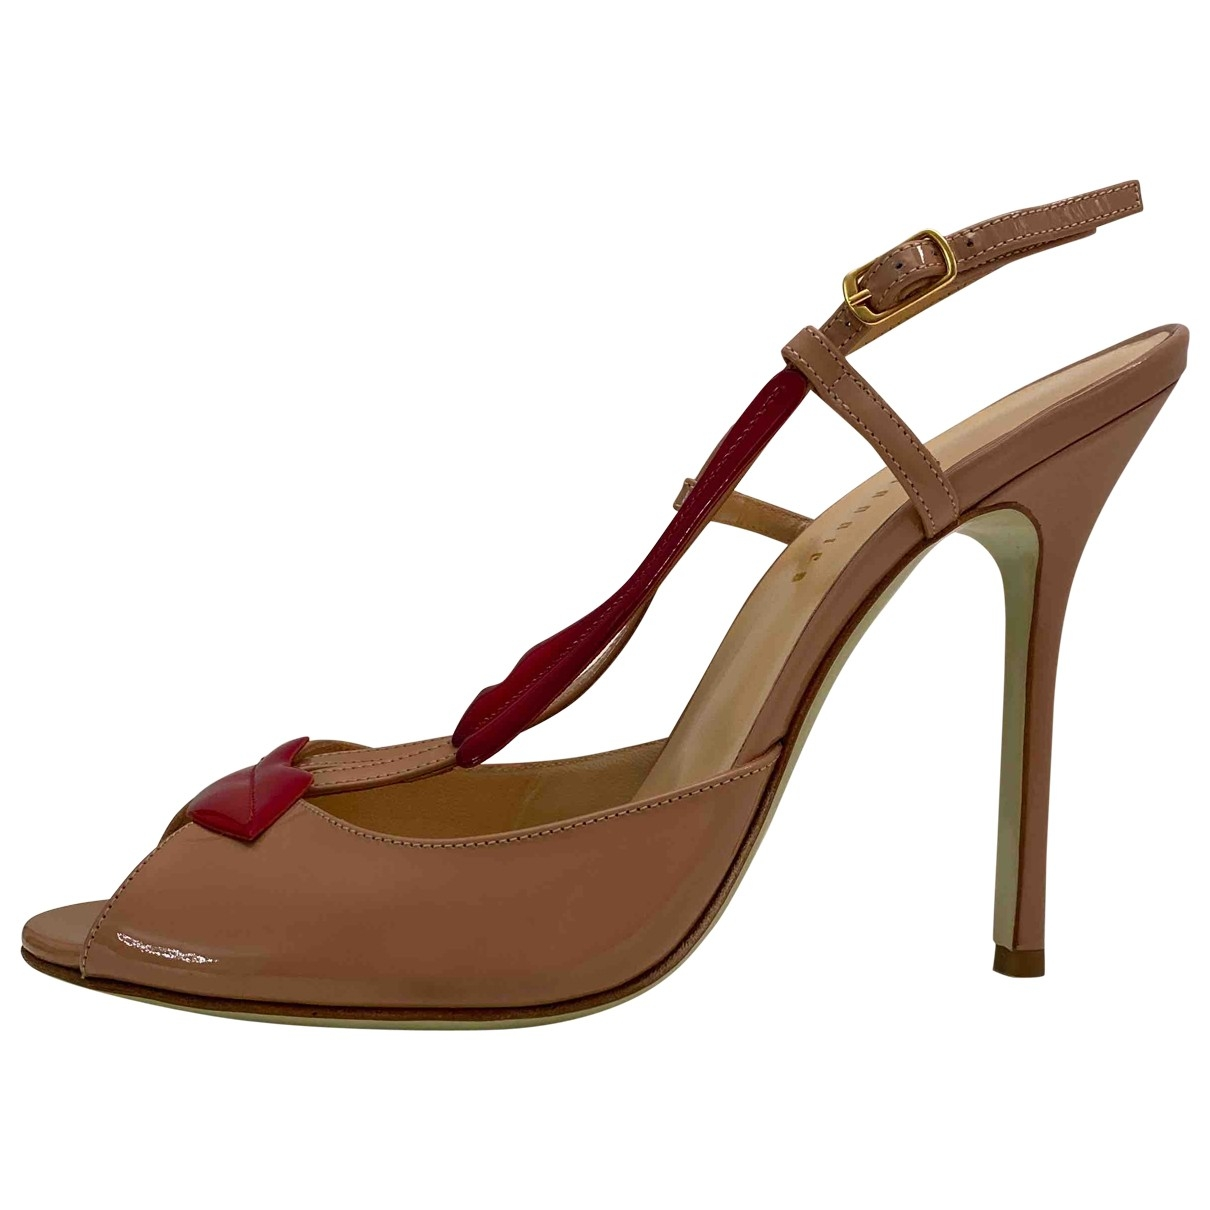 Giannico - Sandales   pour femme en cuir - beige